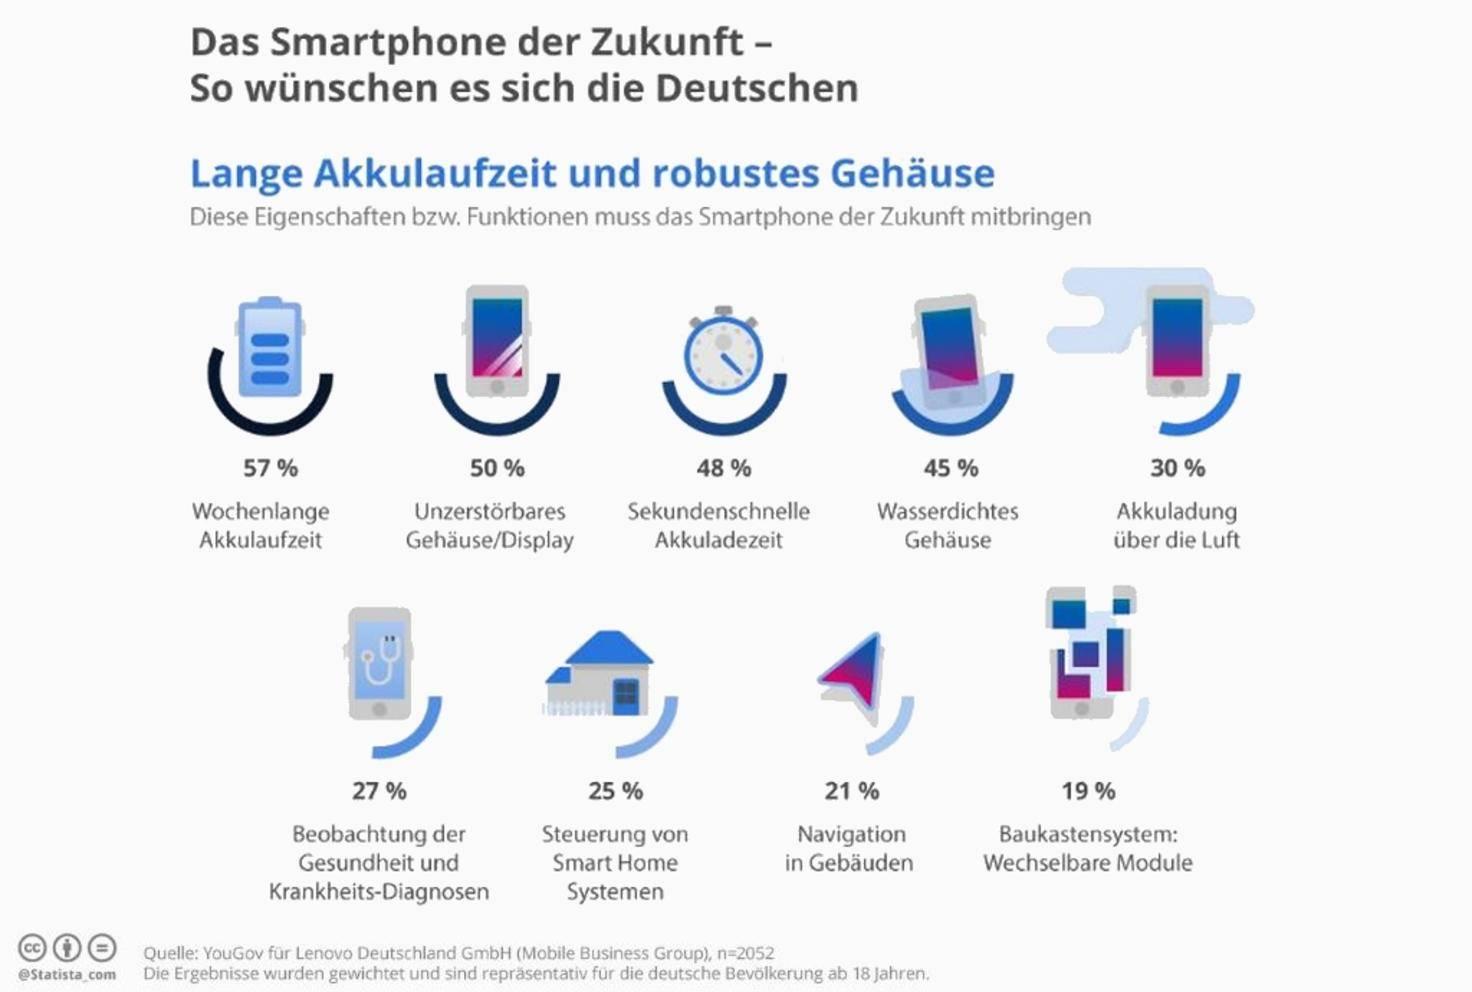 Smartphone Zukunft